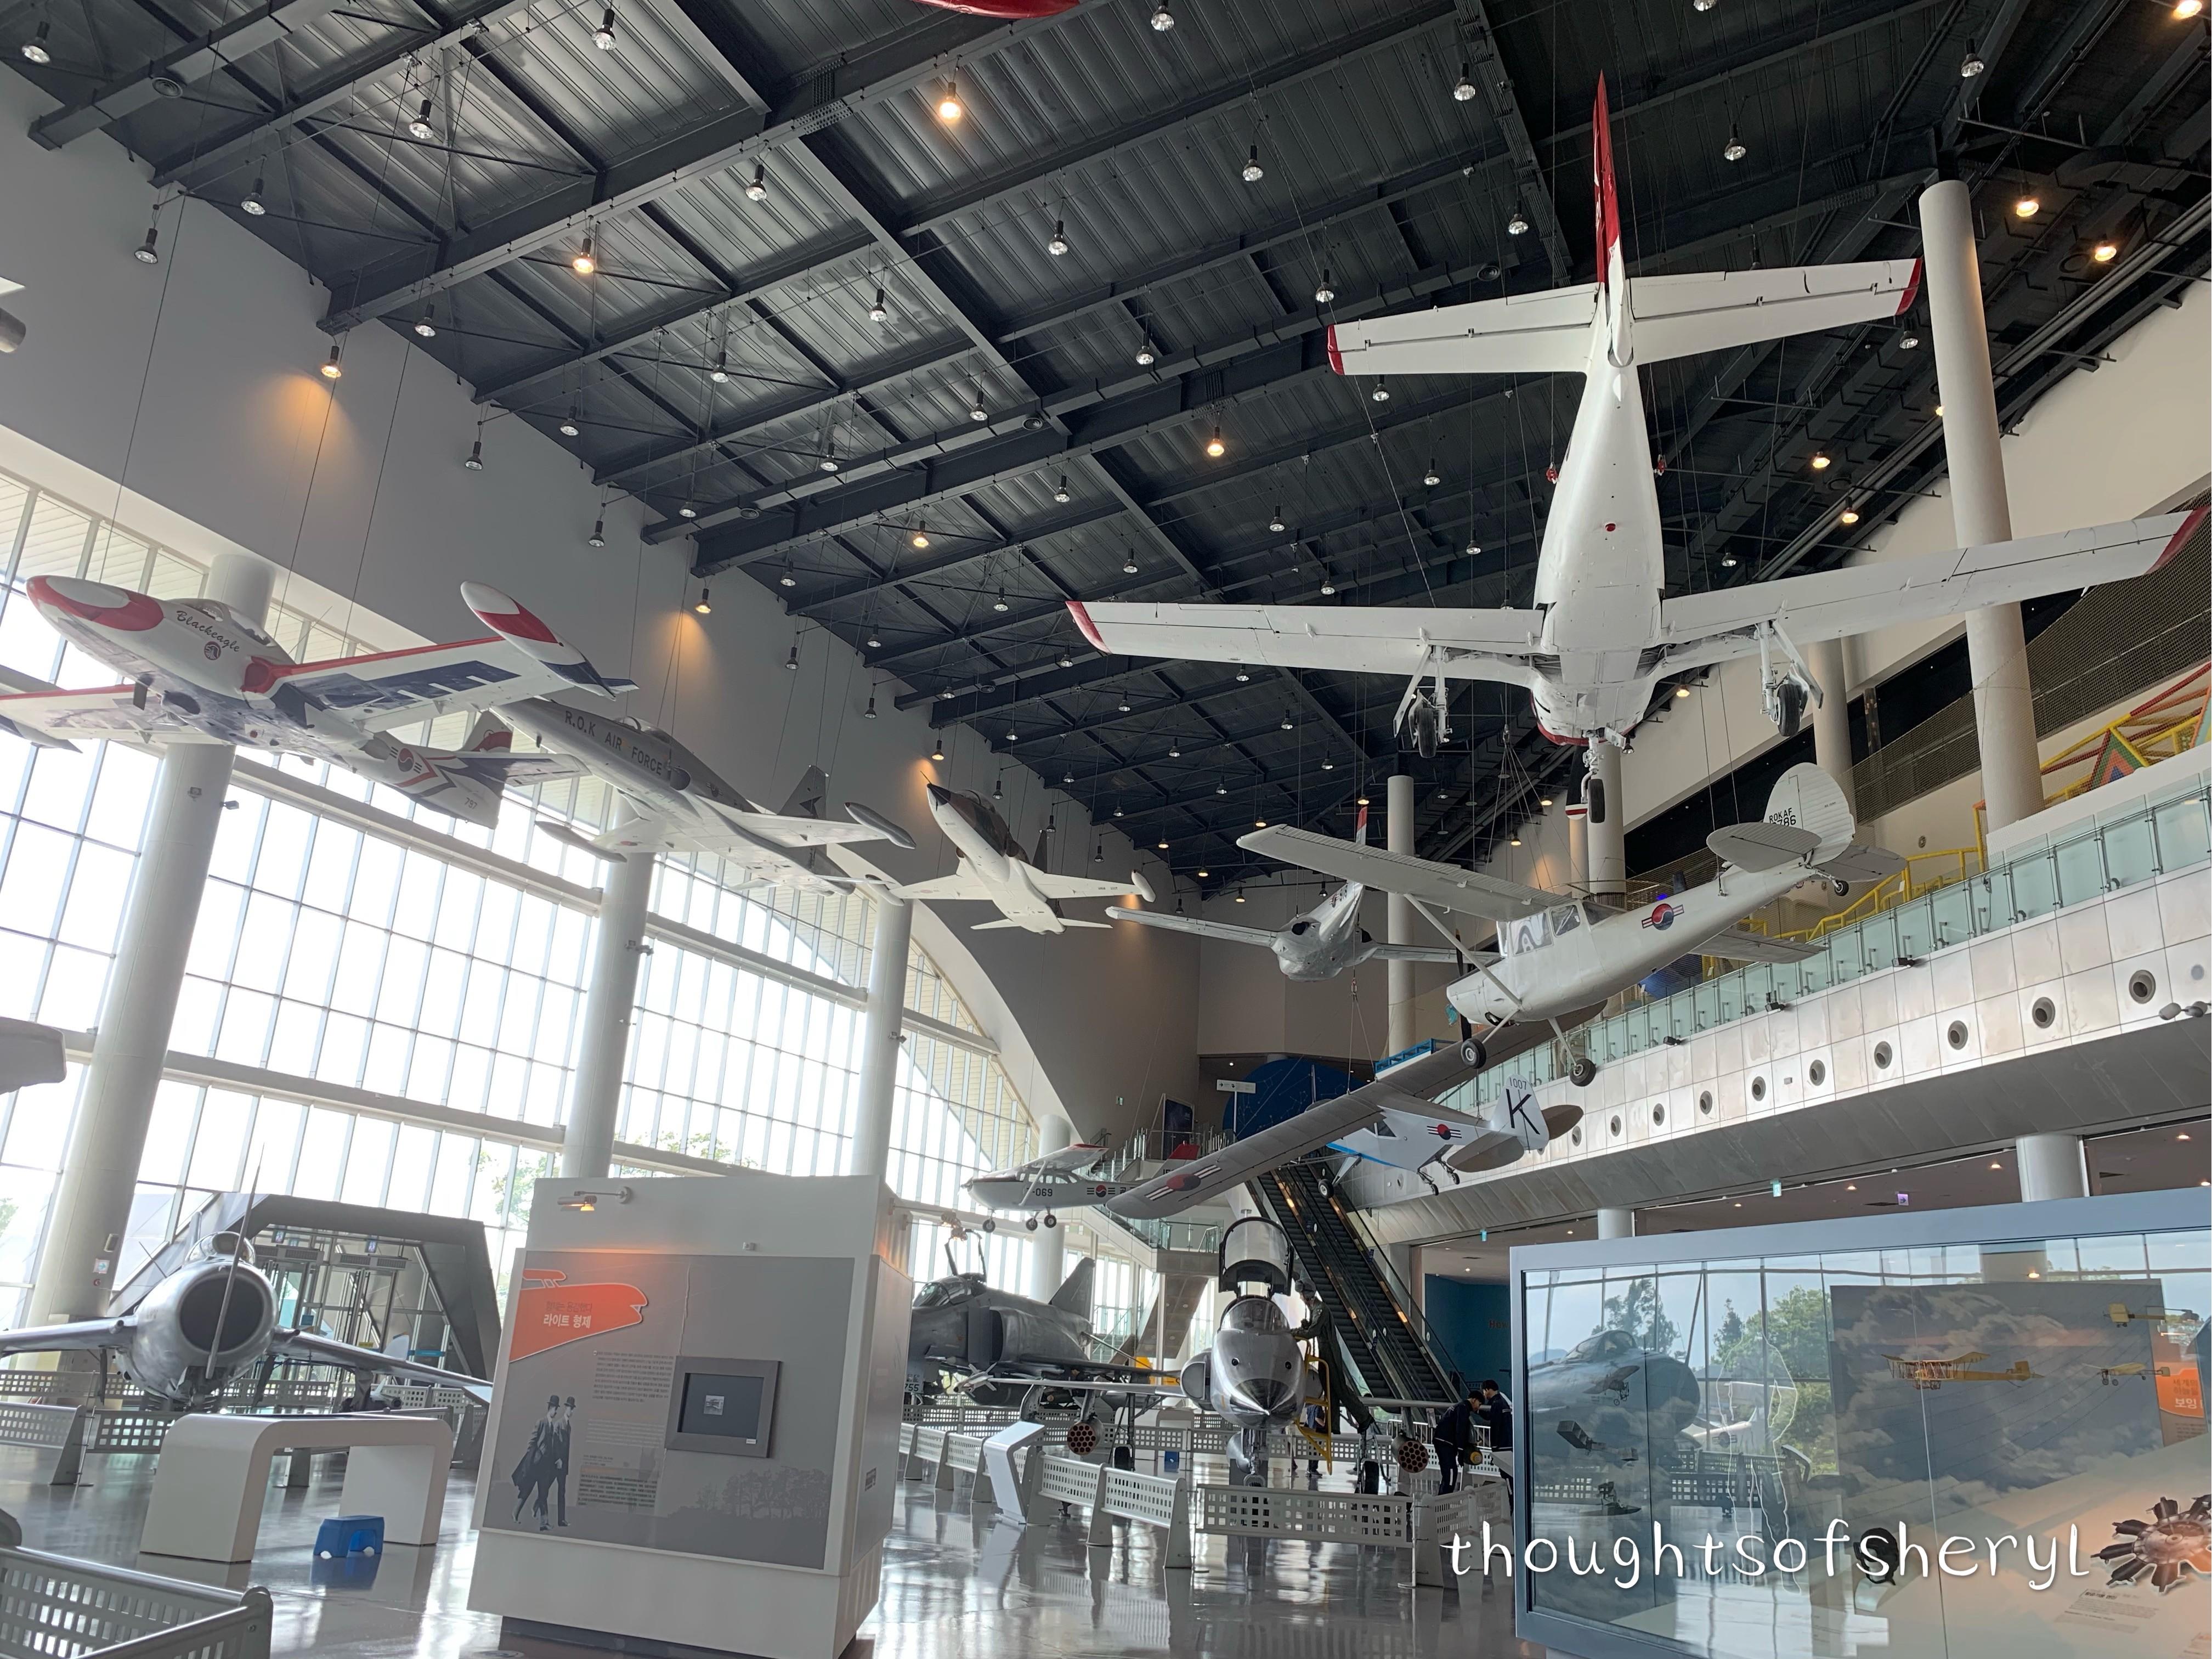 jeju aerospace museum